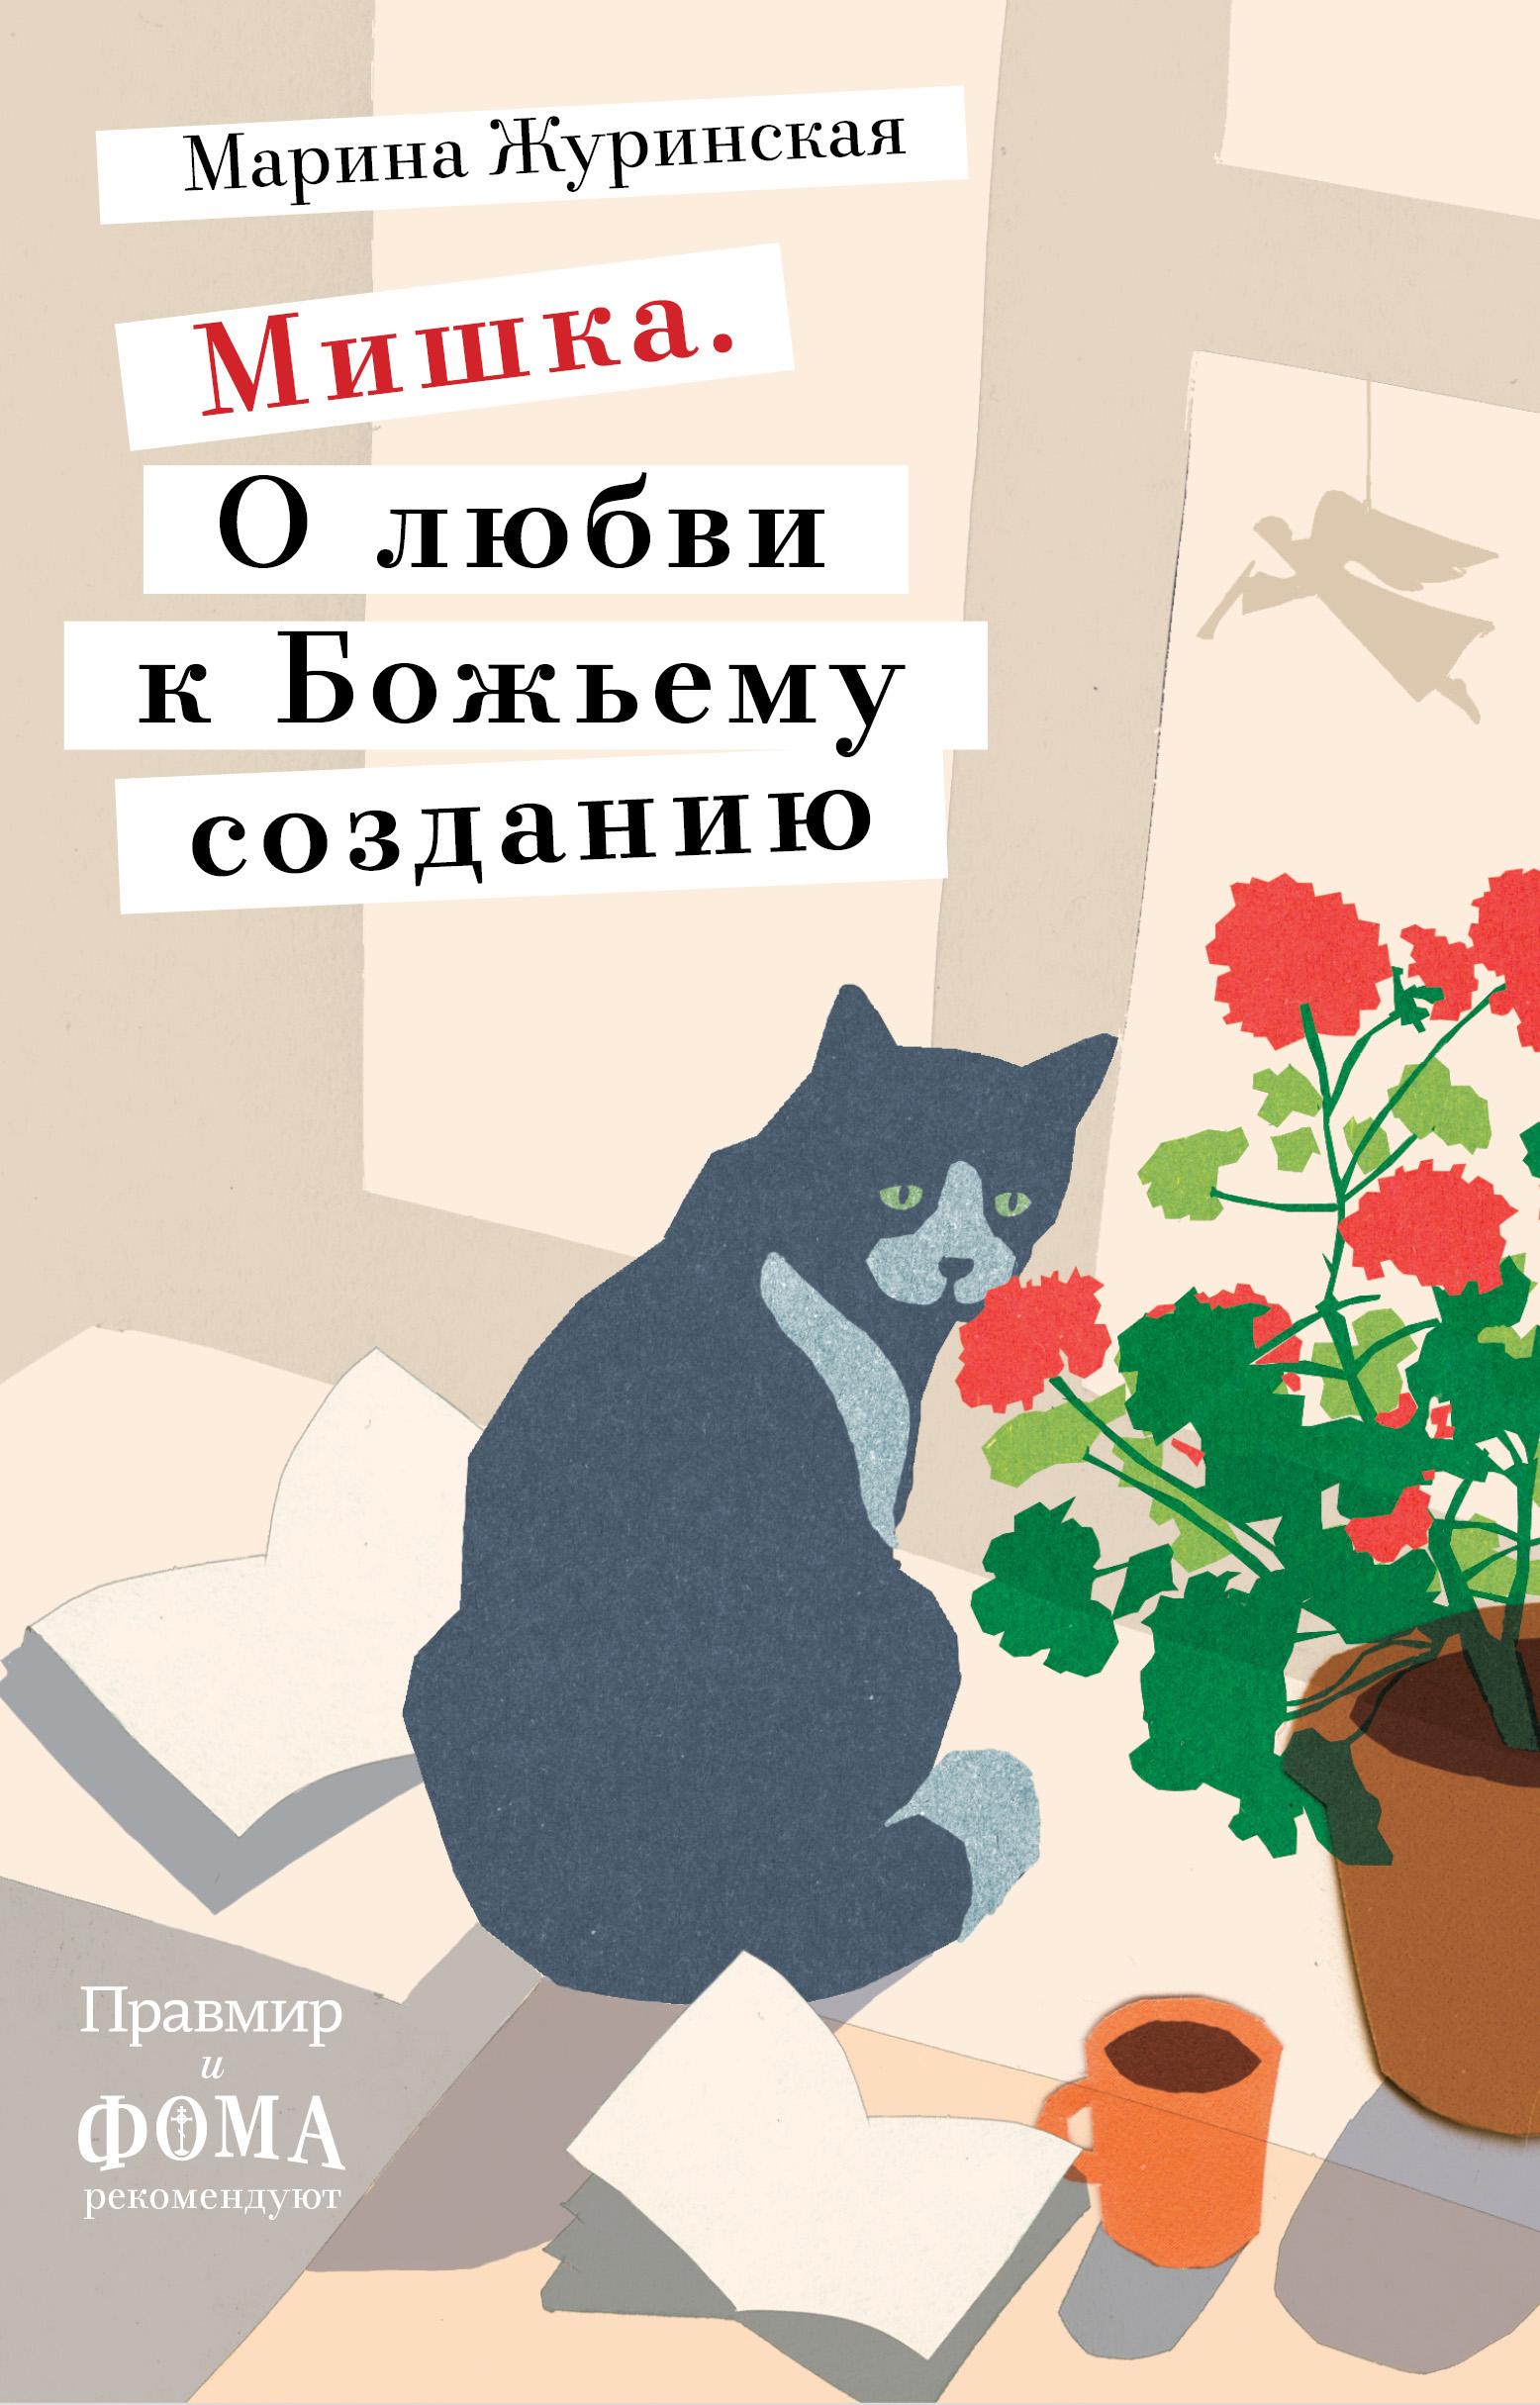 Купить книгу Мишка. О любви к Божьему созданию, автора Марины Журинской